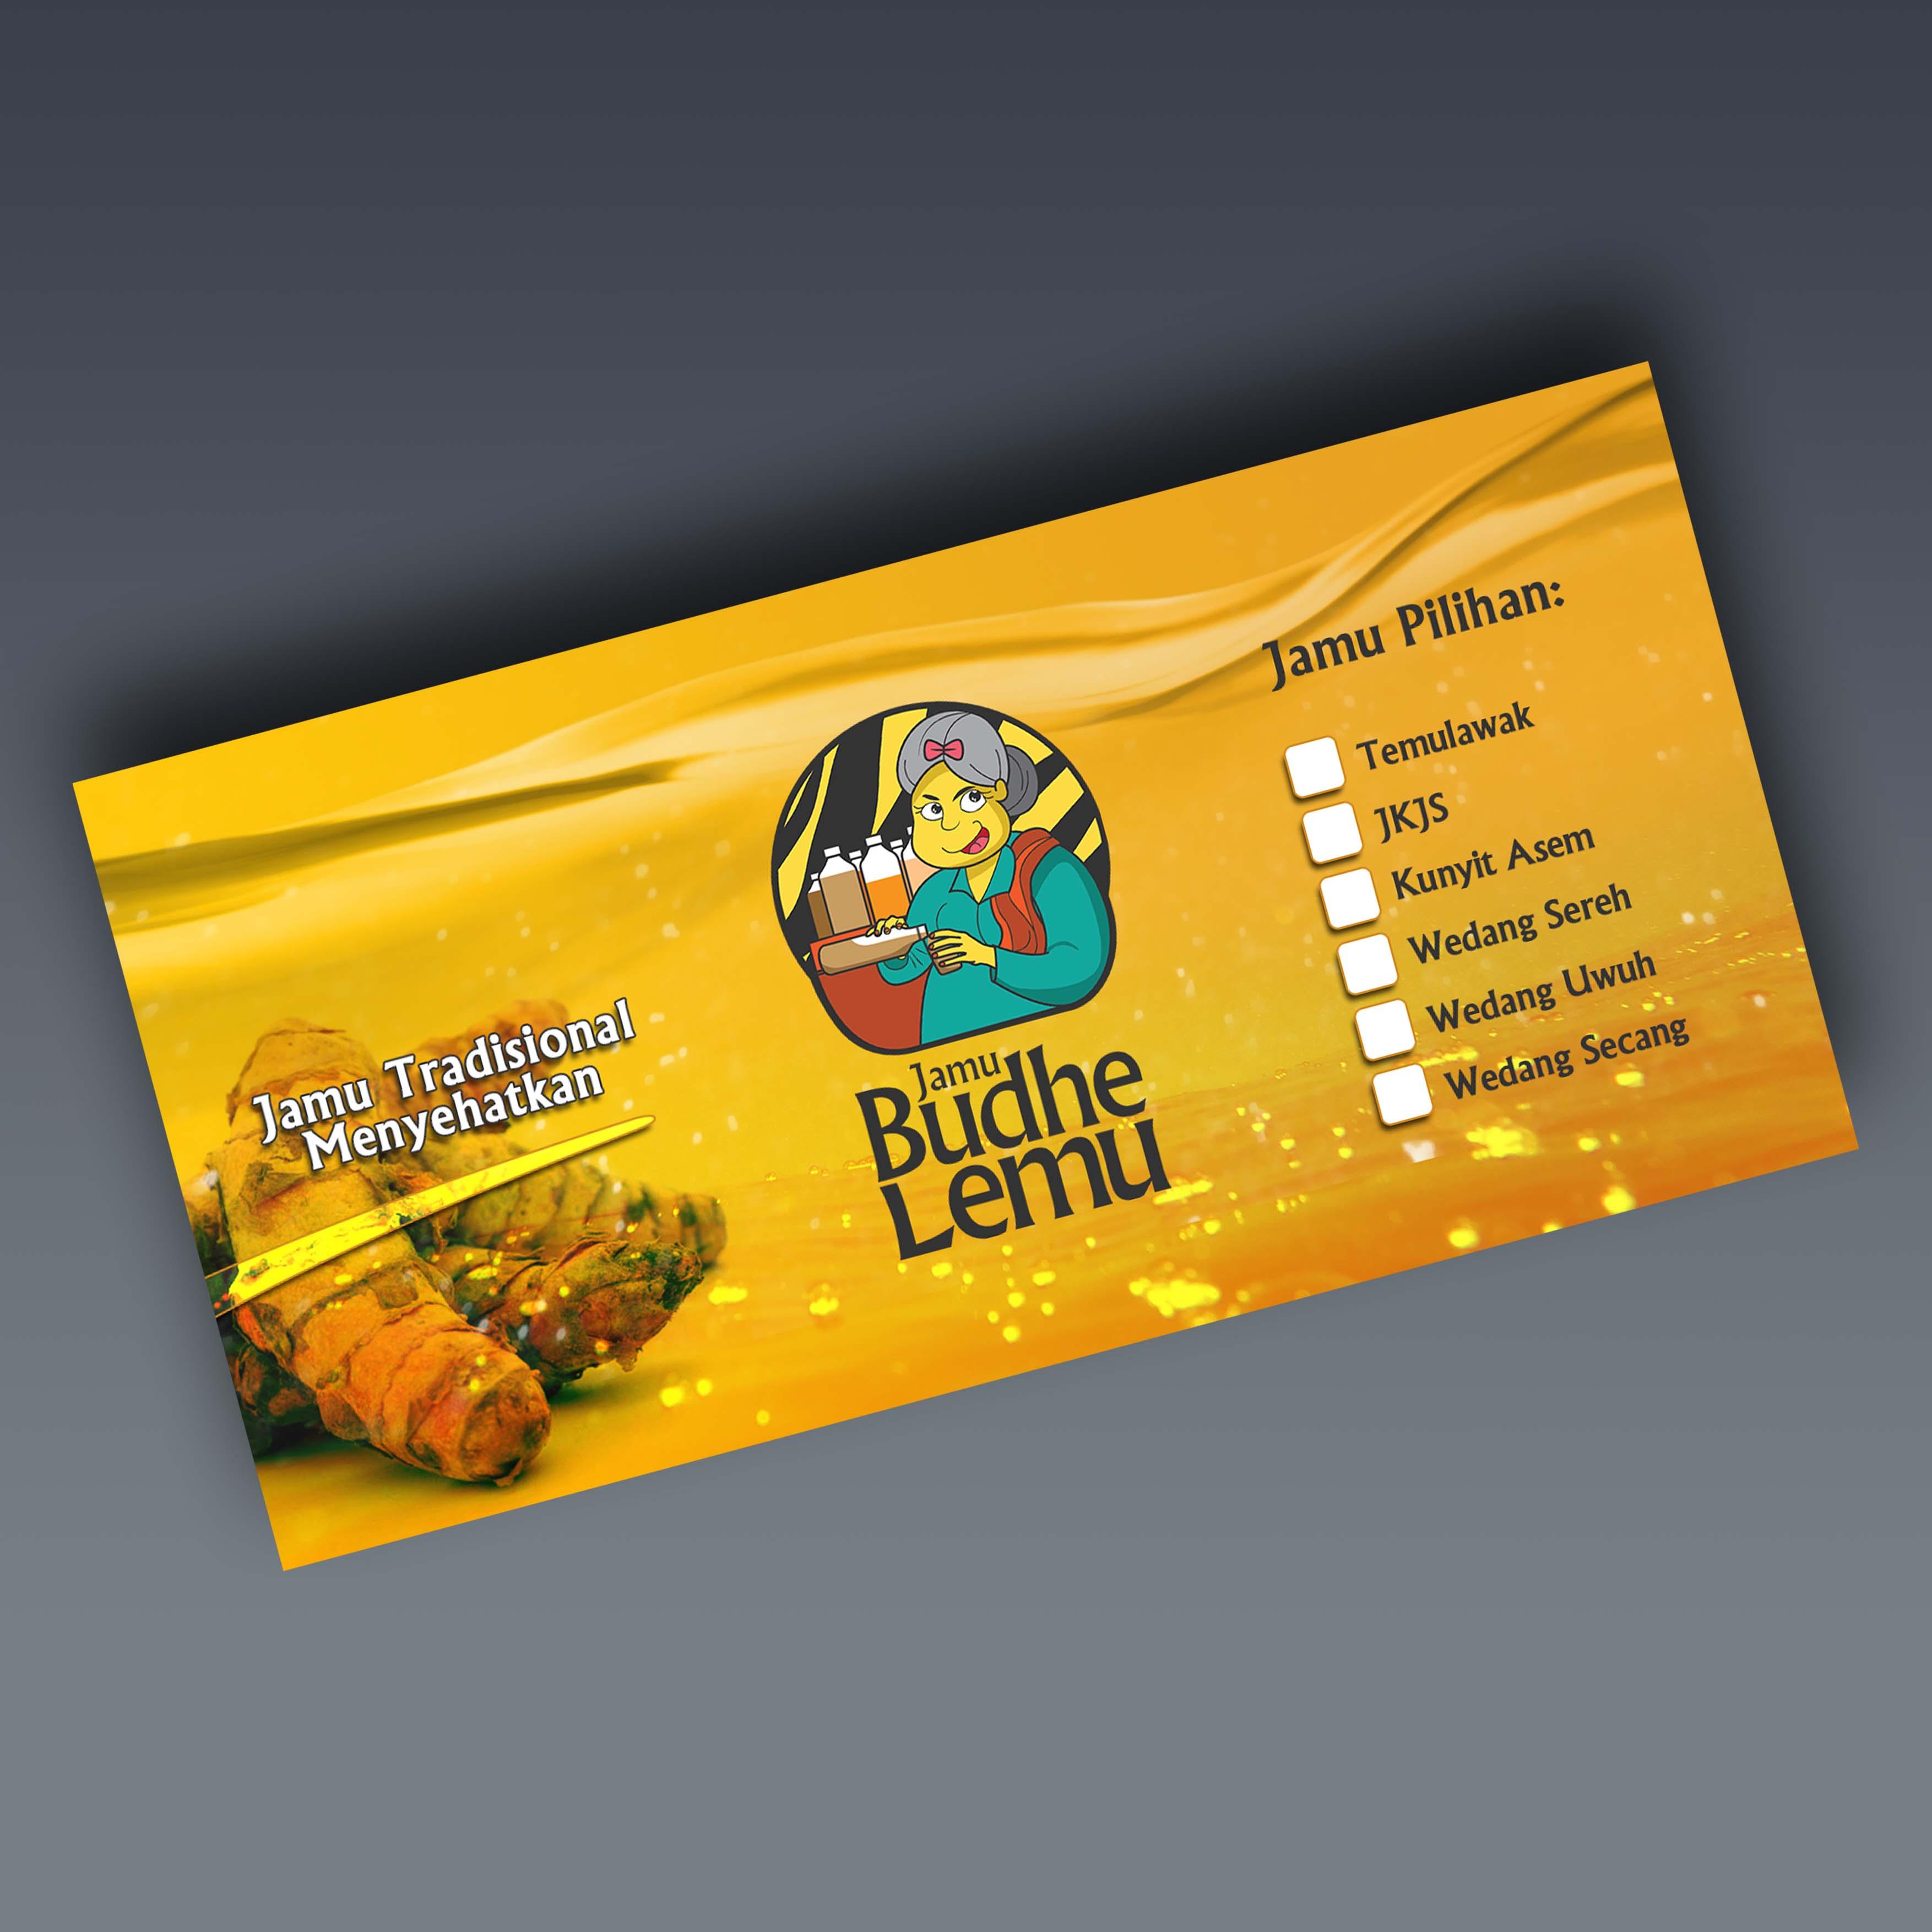 Jamu Budhe Lemu Sticker